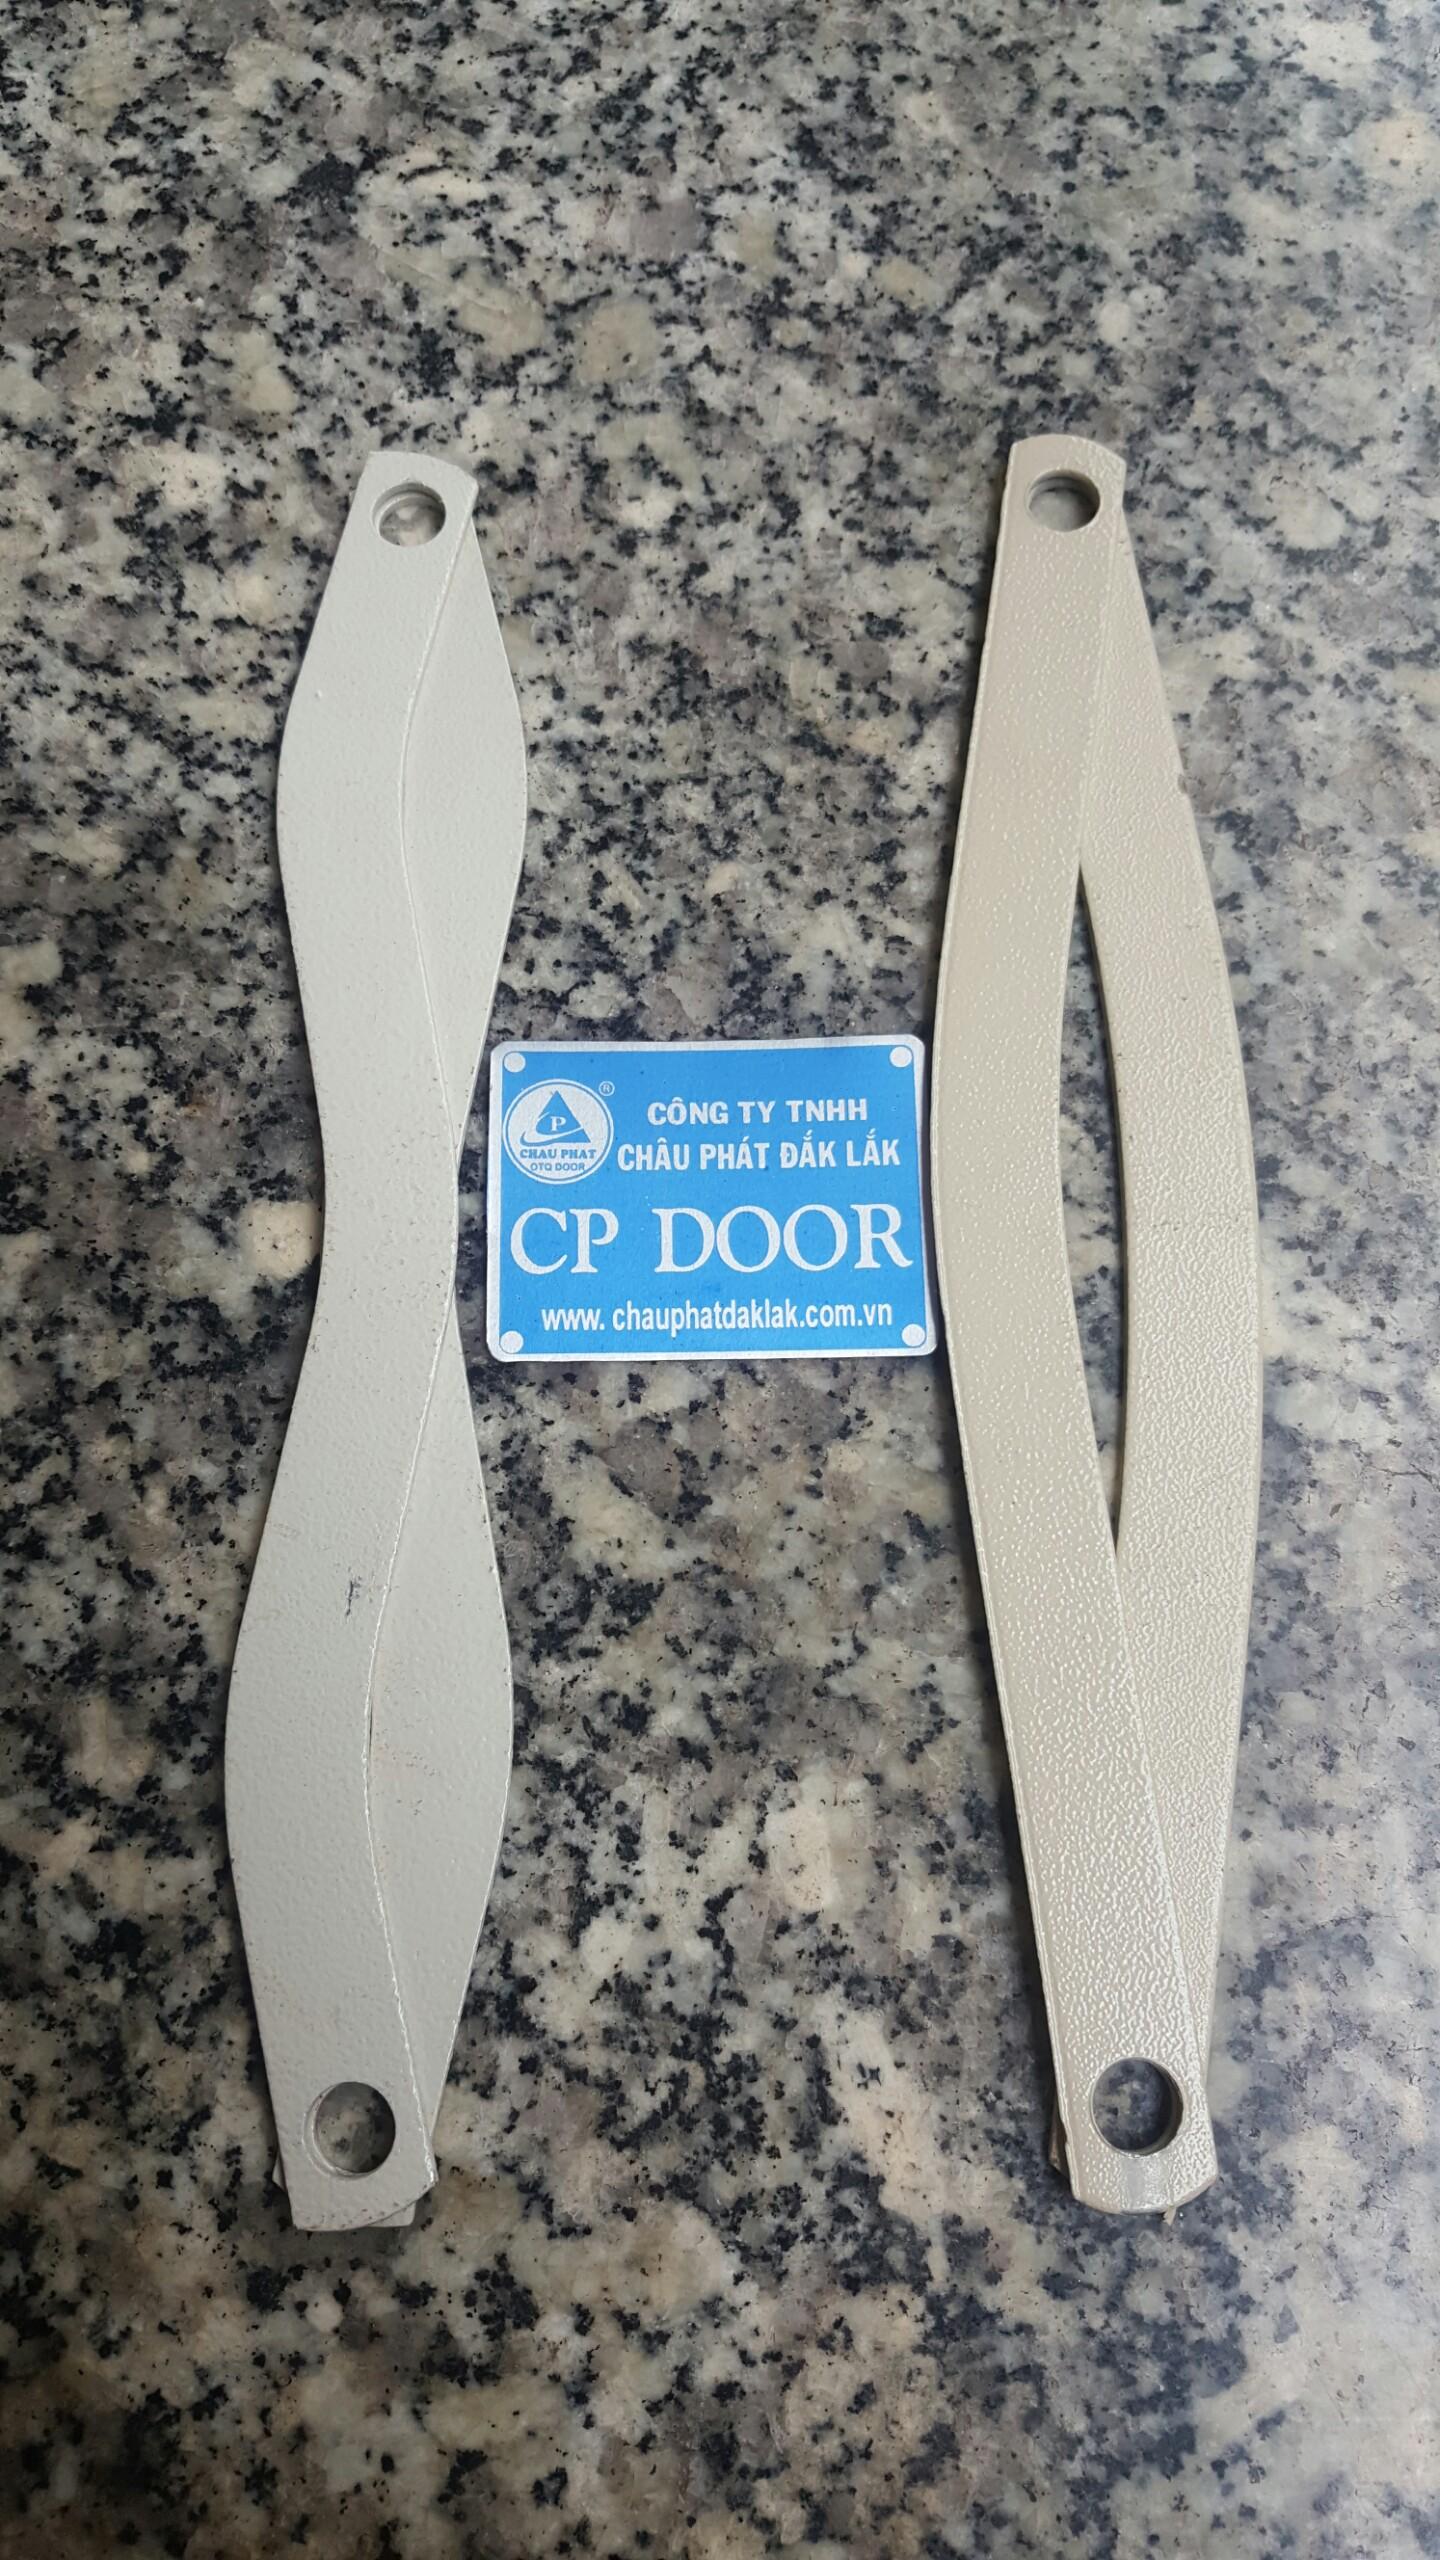 Nhíp đặc cửa kéo ngắn